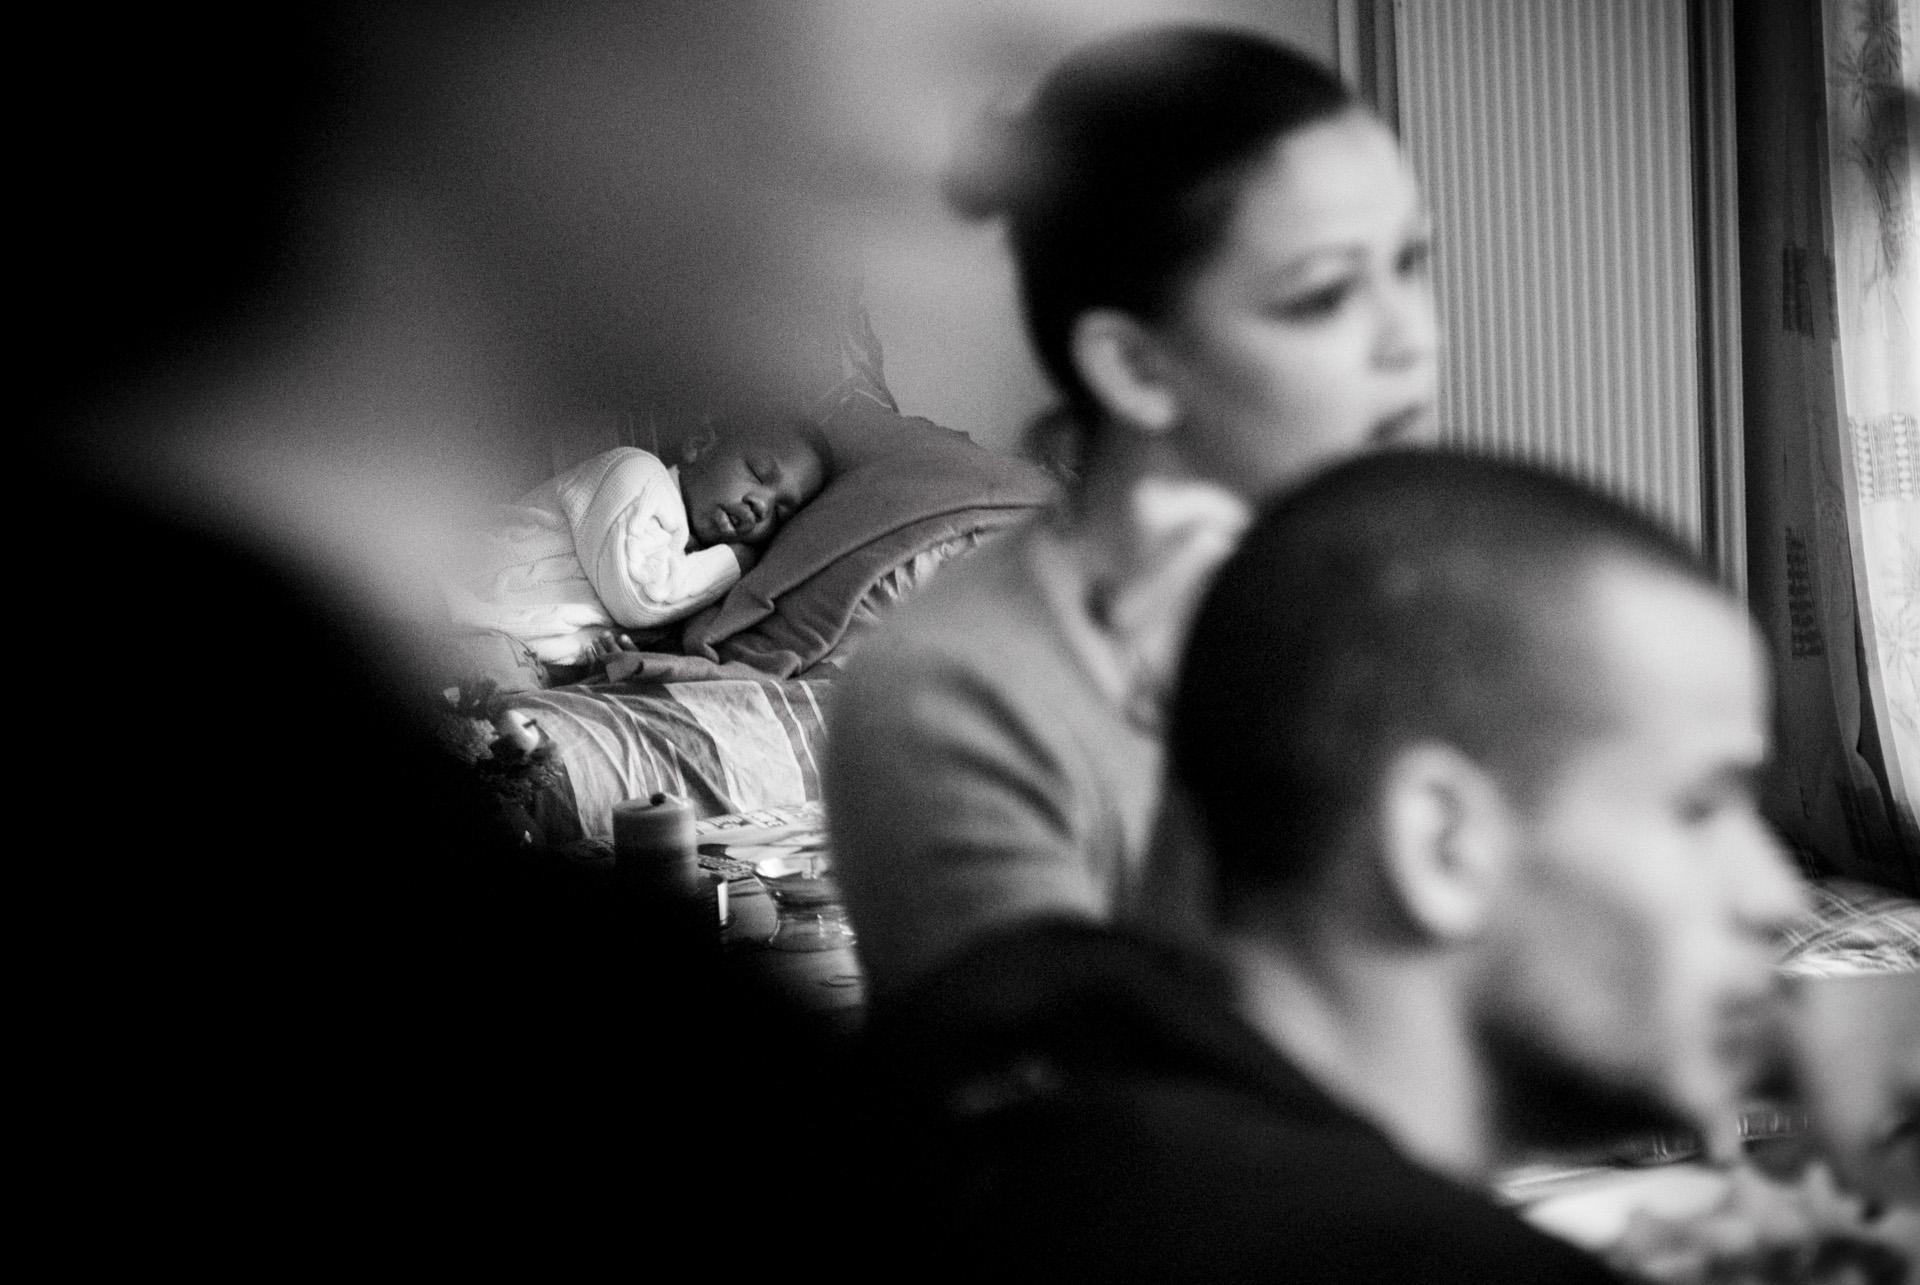 RESF CHEZ CATHERINE ATHIEL LE 11 NOVEMRE 2008. JOURNEE EN FAMILLE EN COMPAGNIE DE SON FILLEUL JUNIOR 3 ANS.SON PERER EST TOGOLAIS ET A ETE EXPULSE EN AVRIL 2008 SA MERE EST BRESILIENNE SANS PAPIER TOUJOURS EN FRANCE MALGRE LES VISITES DE LA PAF A SON DOMICILE.